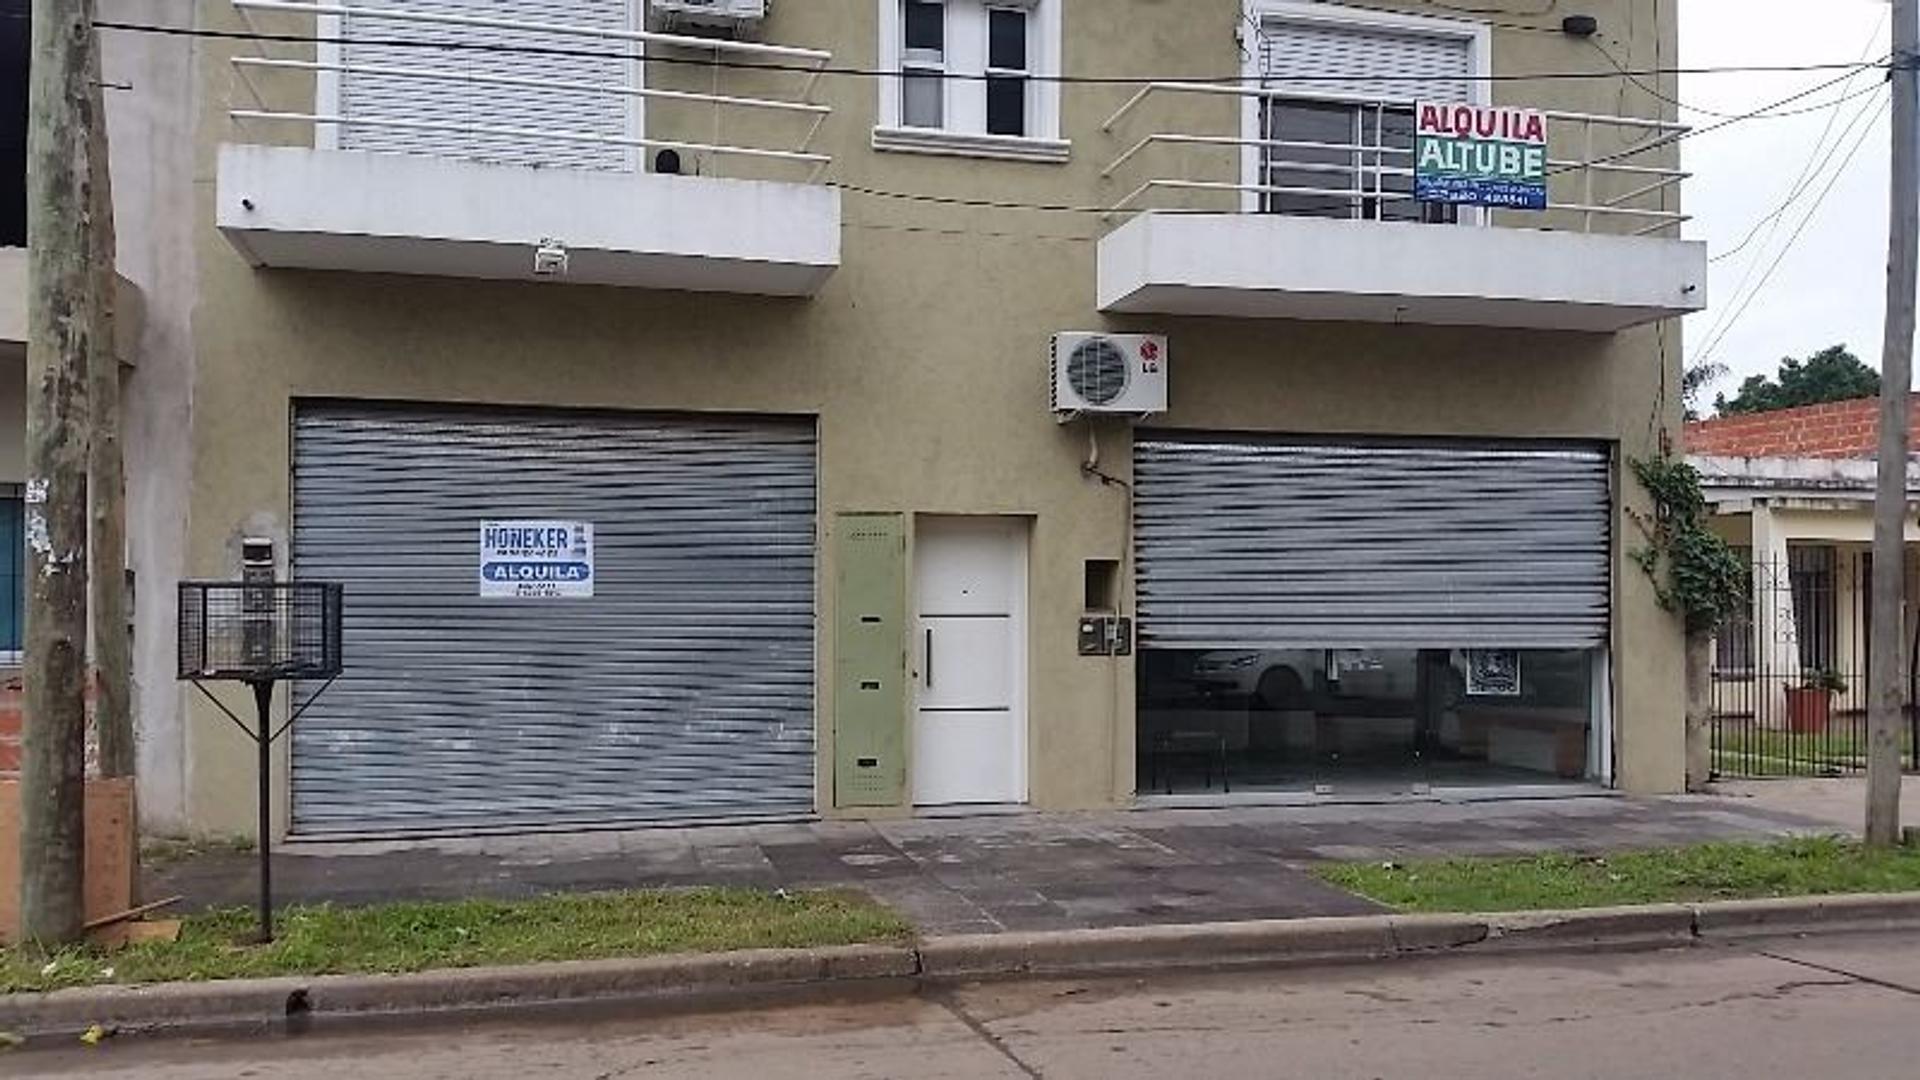 Local en Alquiler - $ 6.500